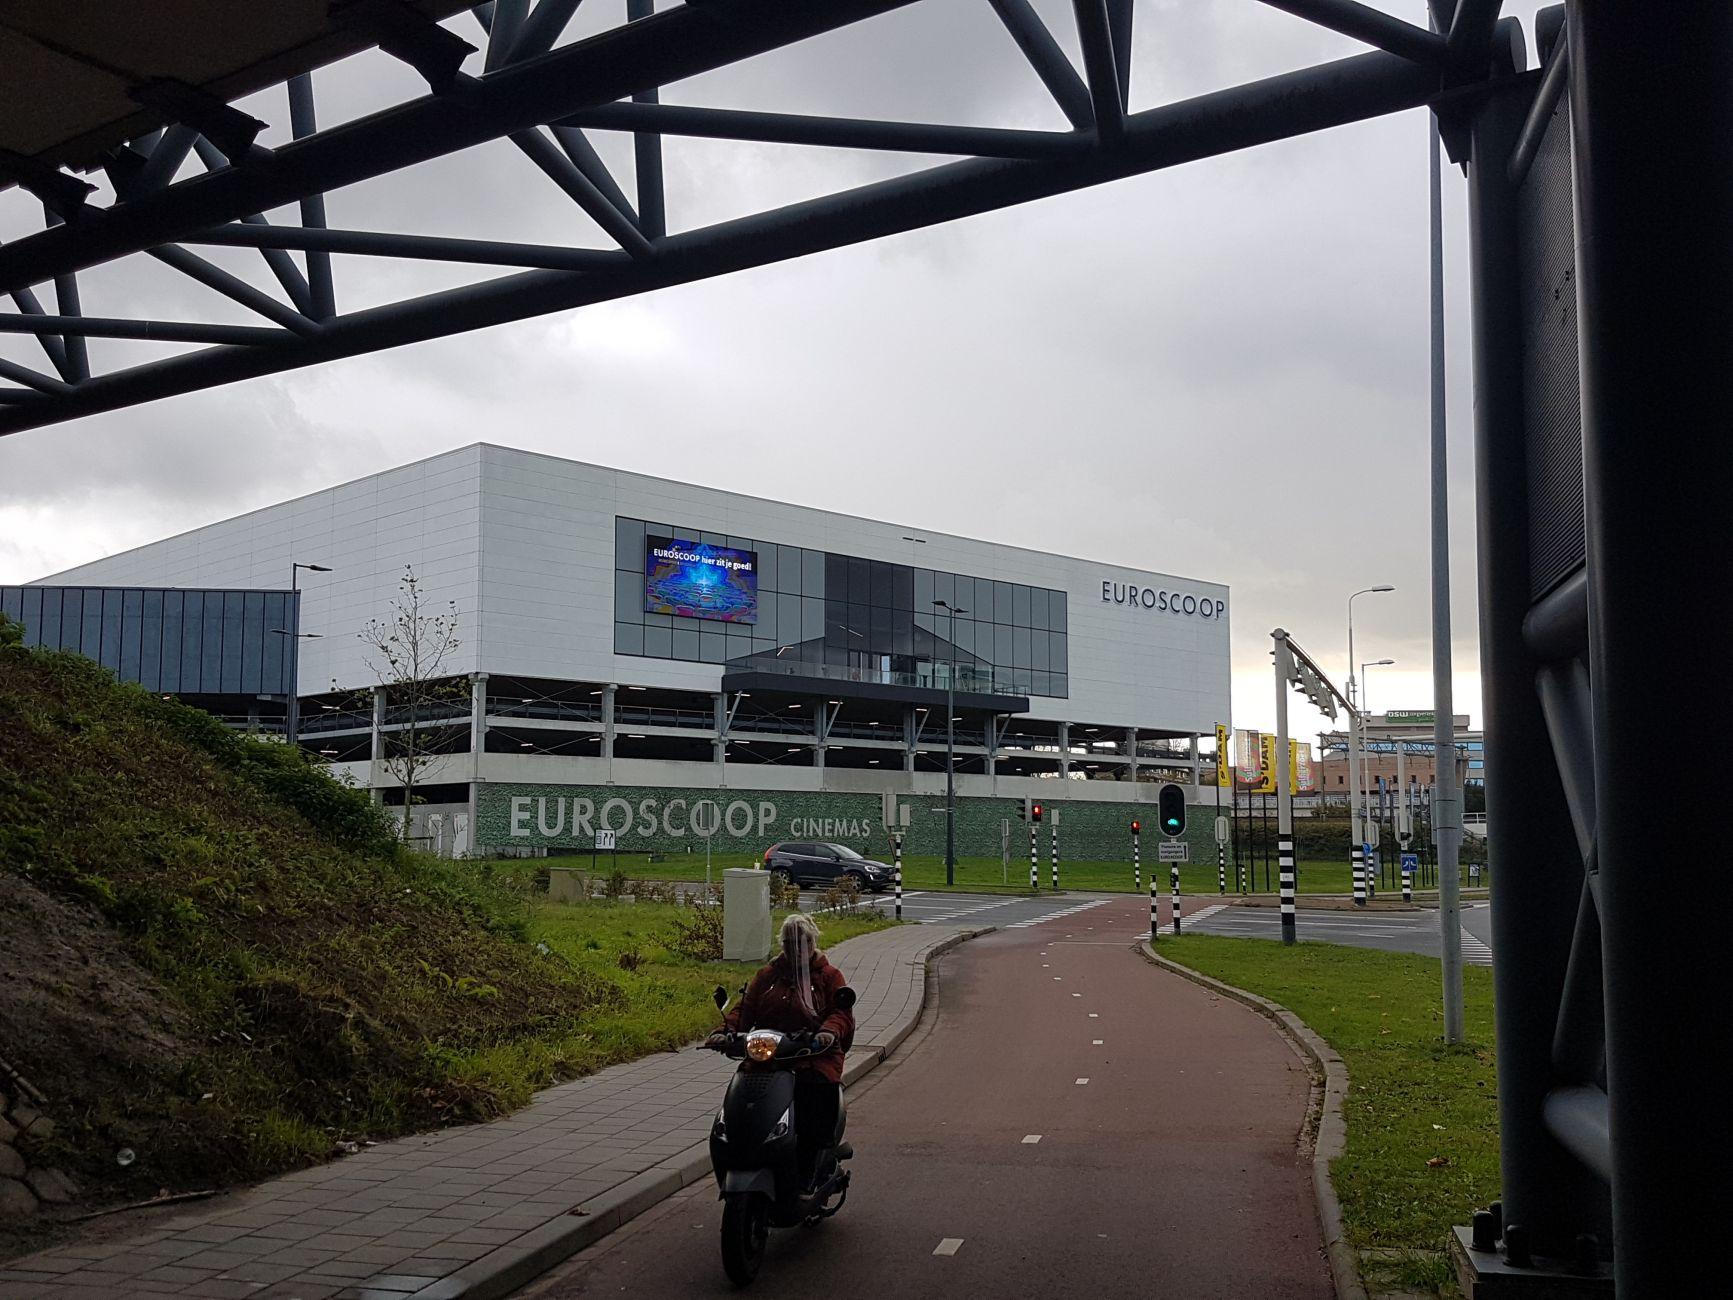 Veelbelovend herbegin bij Euroscoop